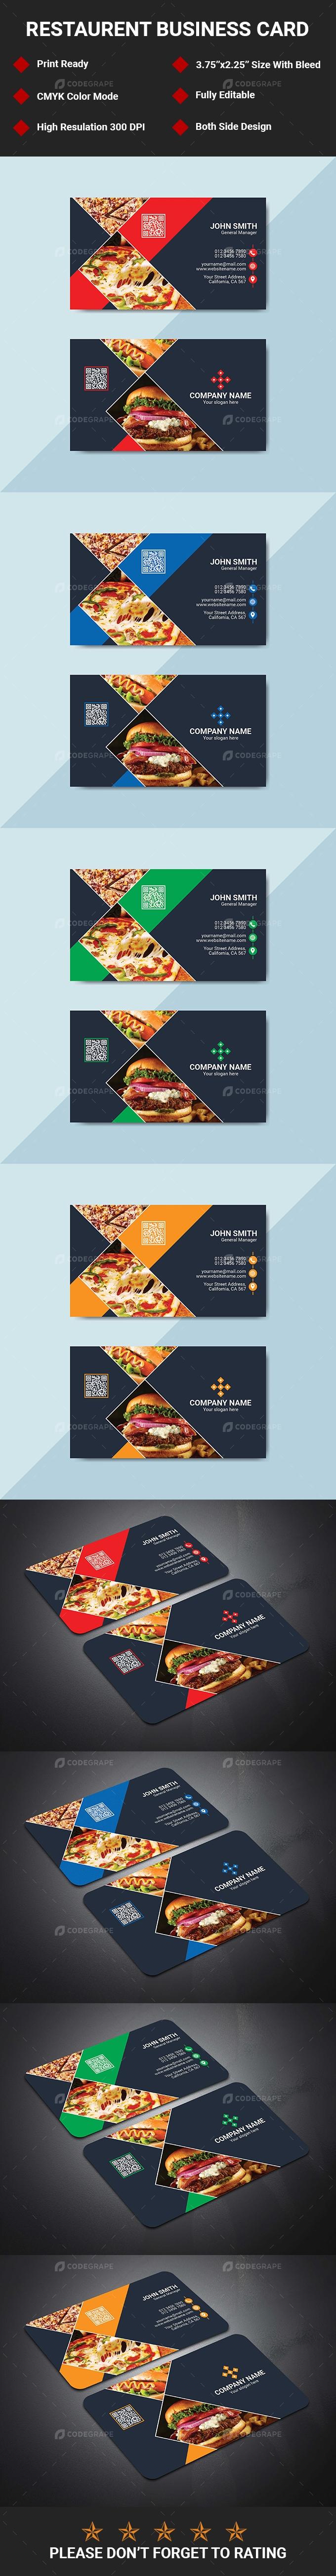 Restaurent Business Card